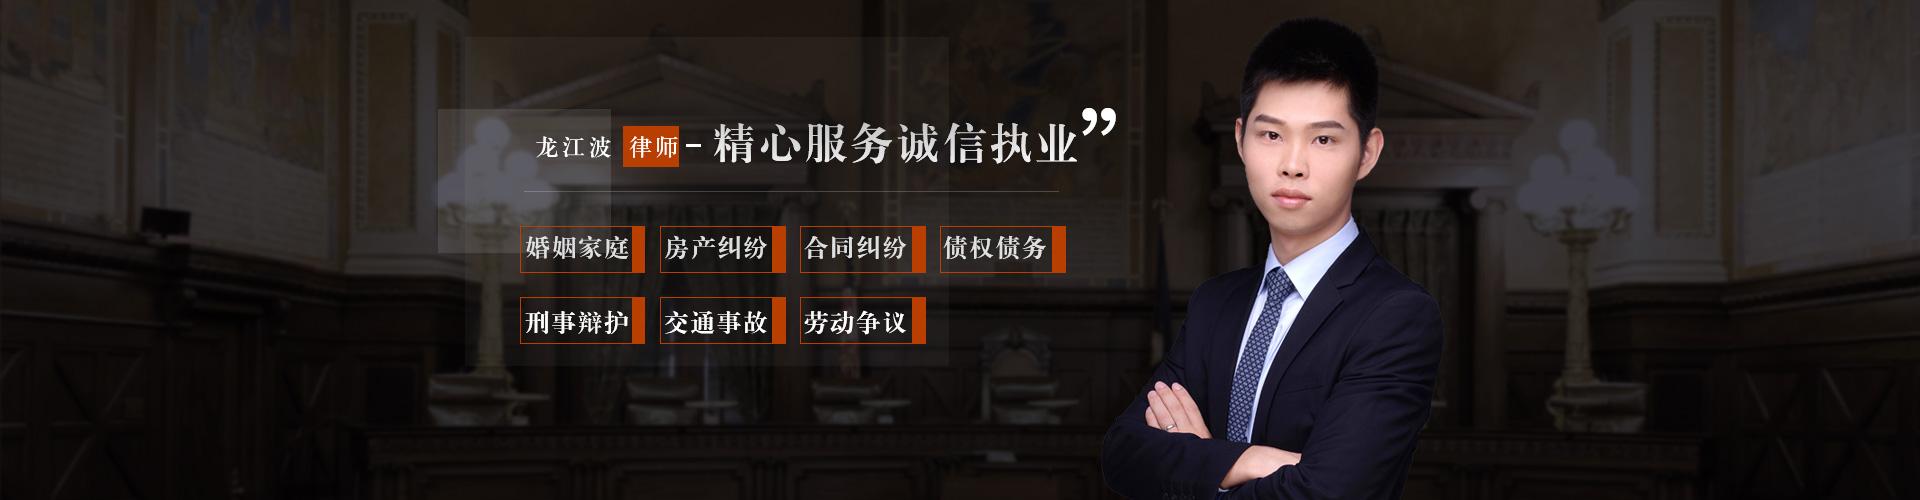 龙江波律师